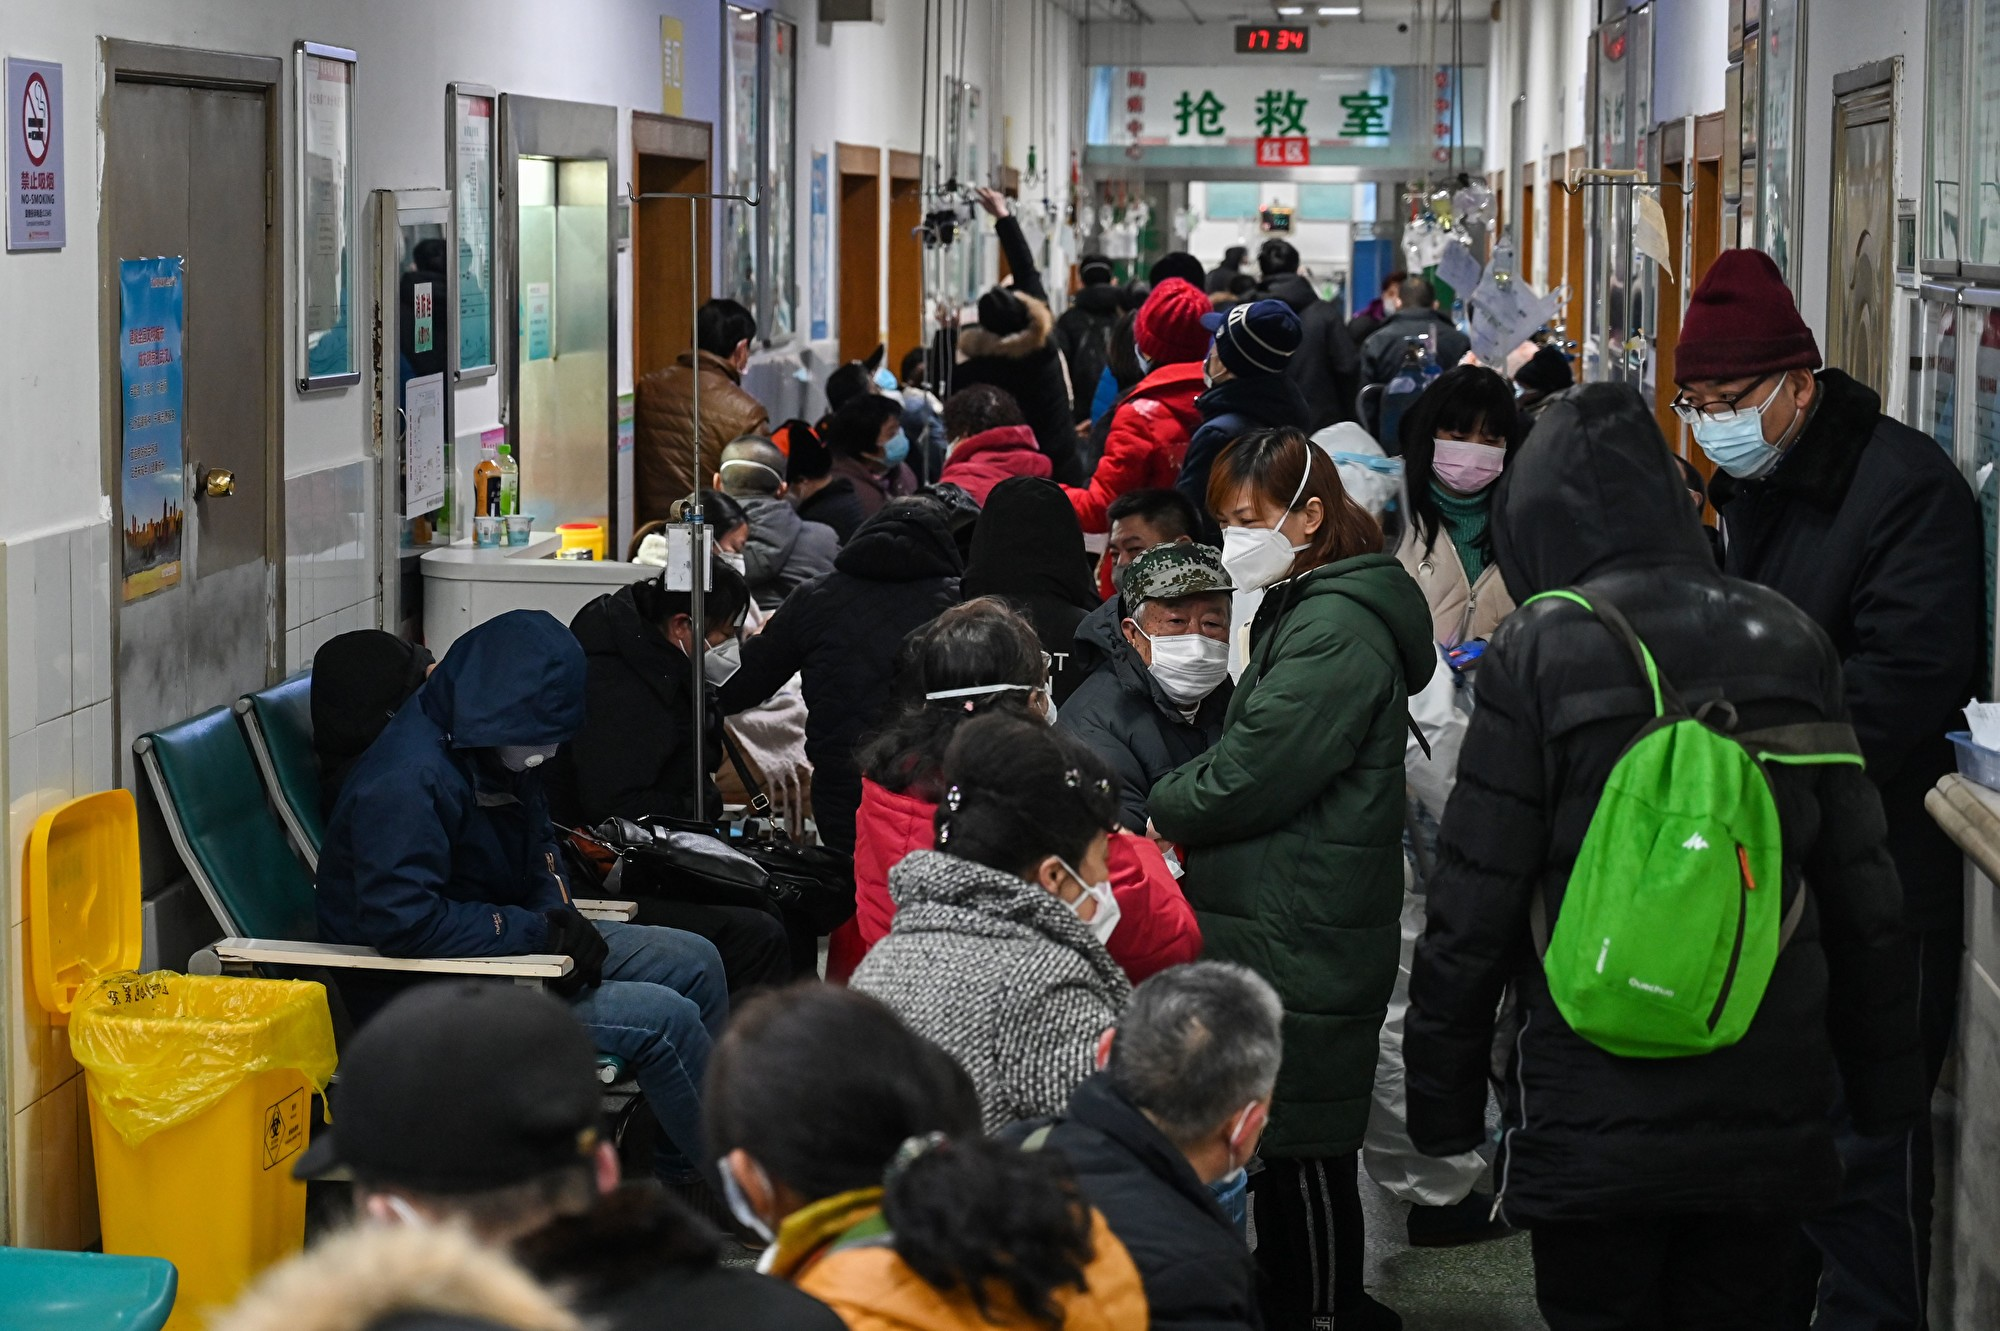 袁斌:武漢醫院核酸試劑盒短缺有內幕